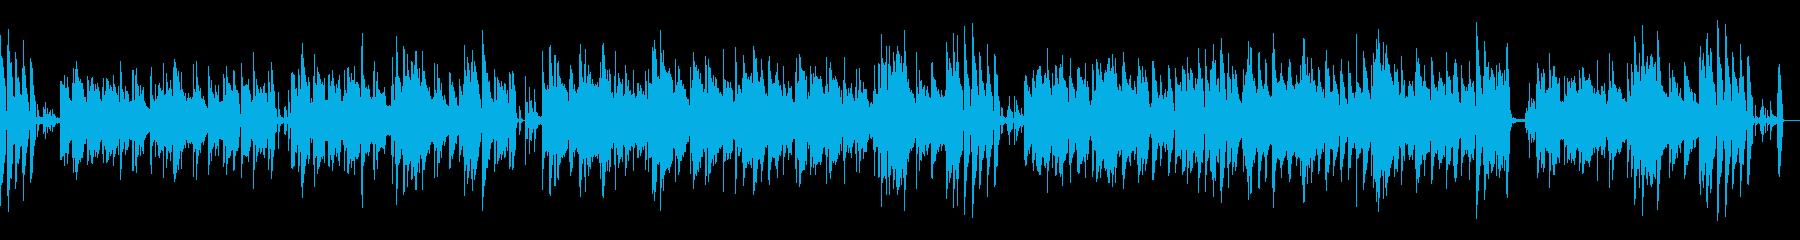 【メロなし】温かい・ほのぼの・陽気の再生済みの波形